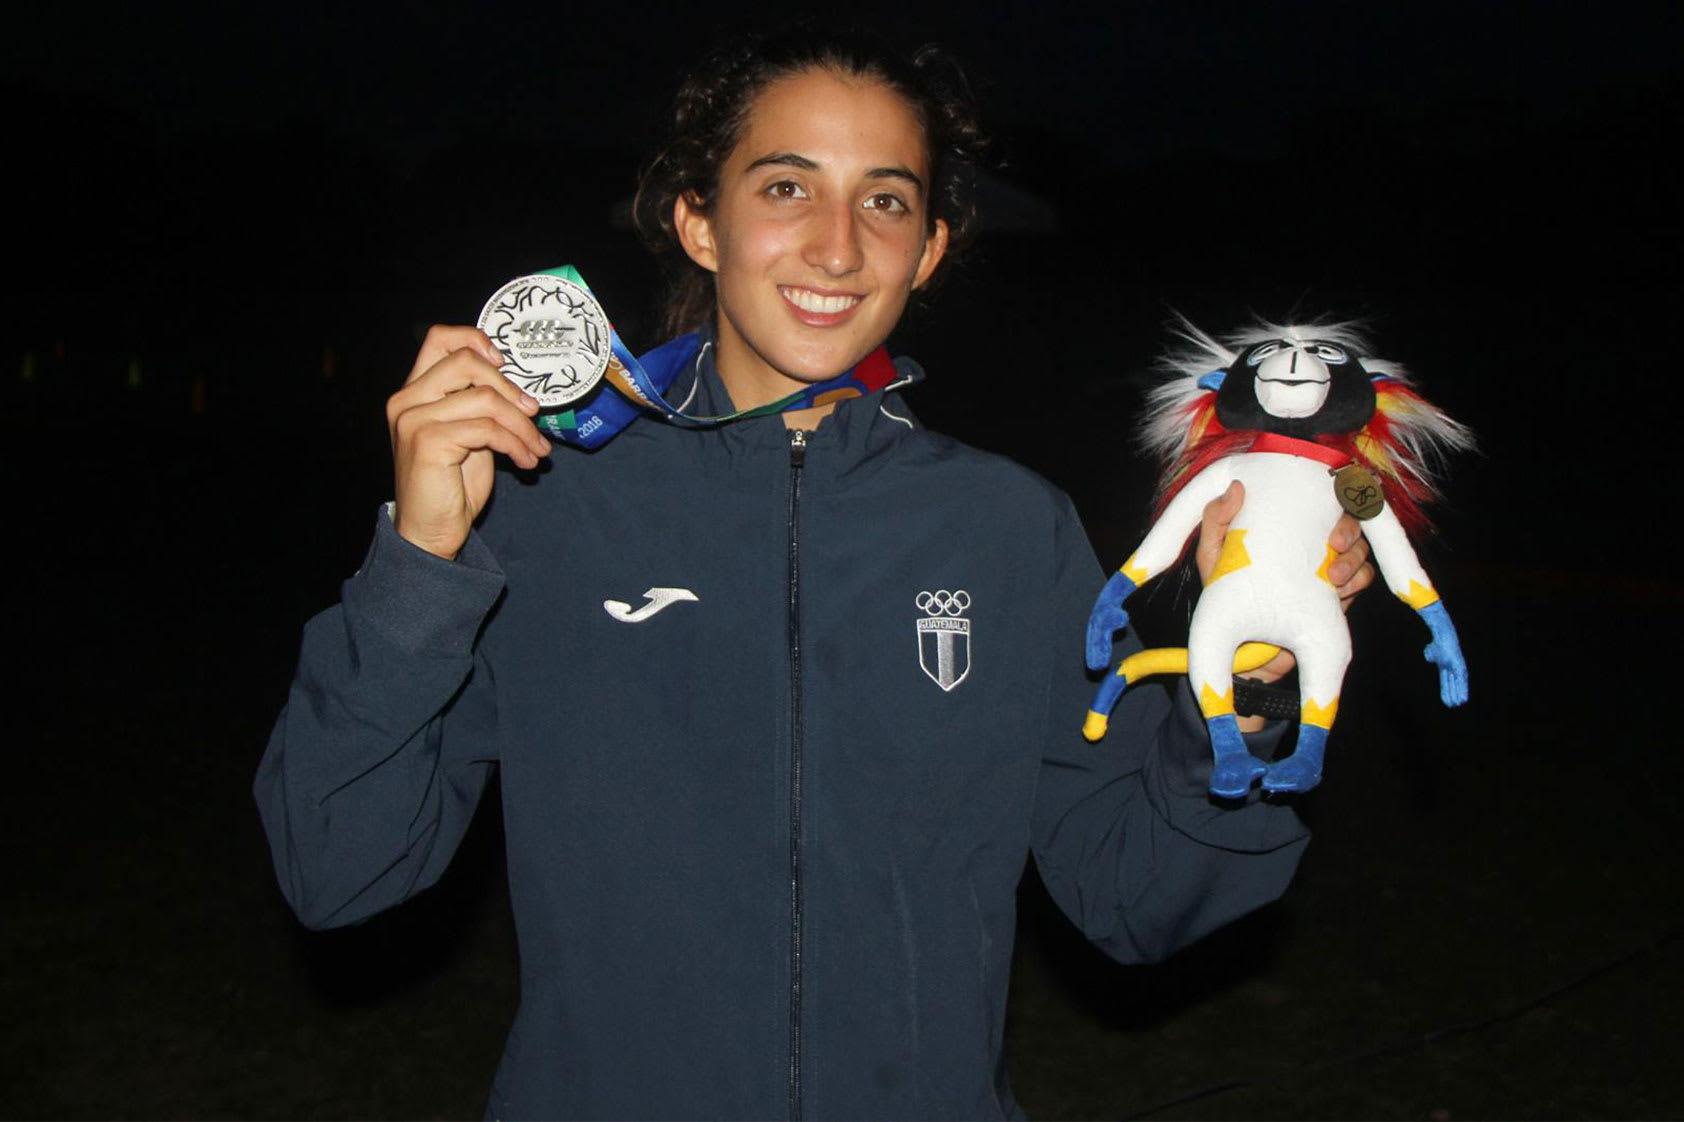 Sofía Cabrera y el camino hacia el sueño de competir en los juegos olímpicos